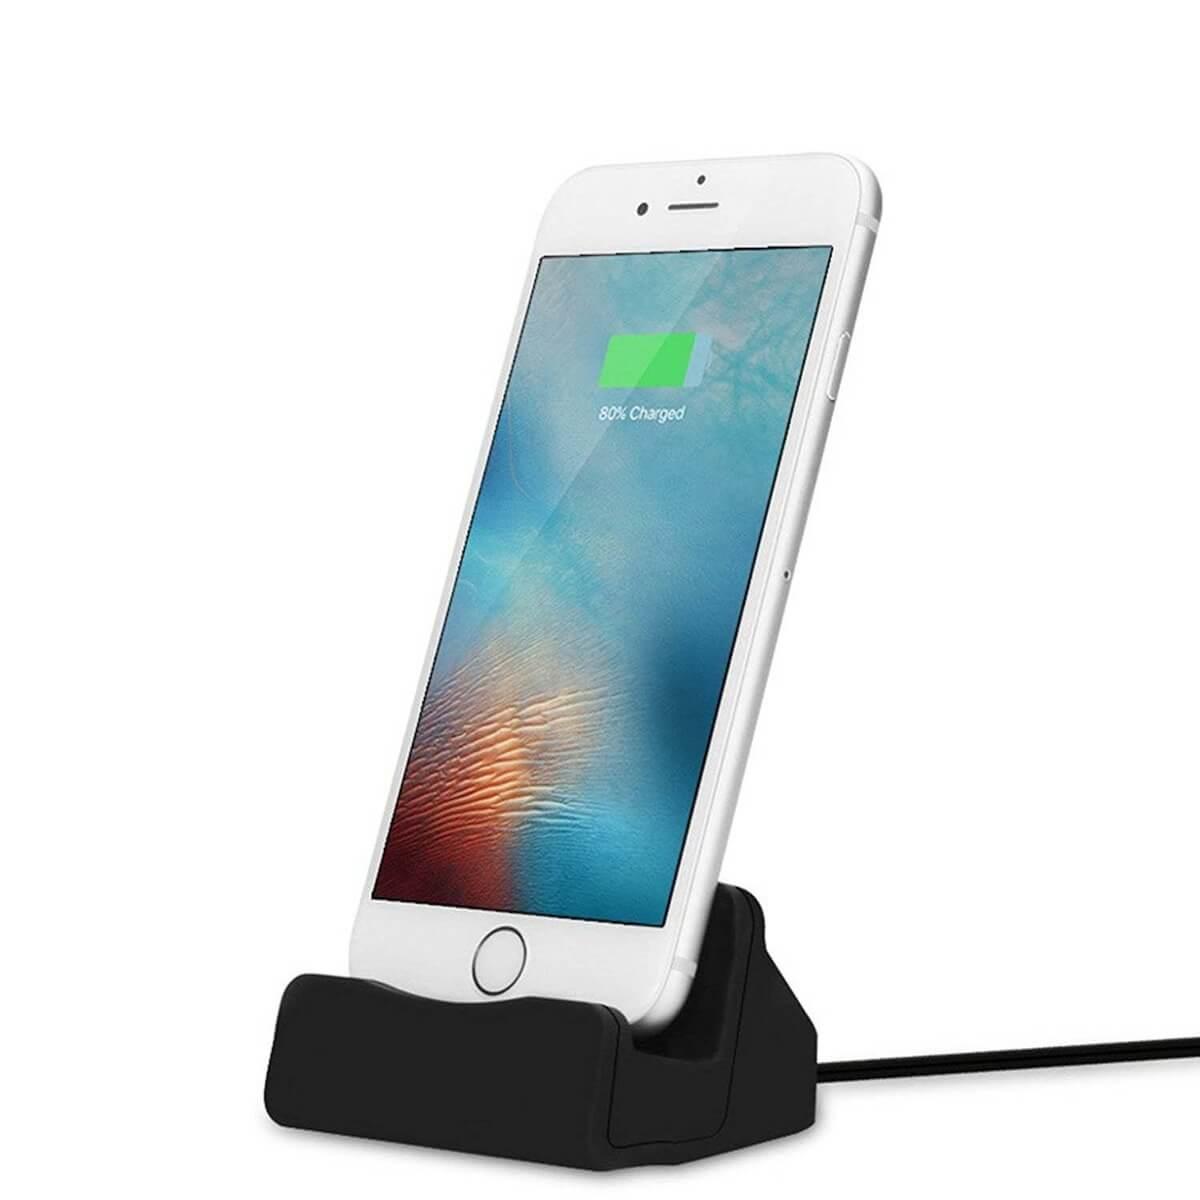 Asztali töltő iPhone-hoz